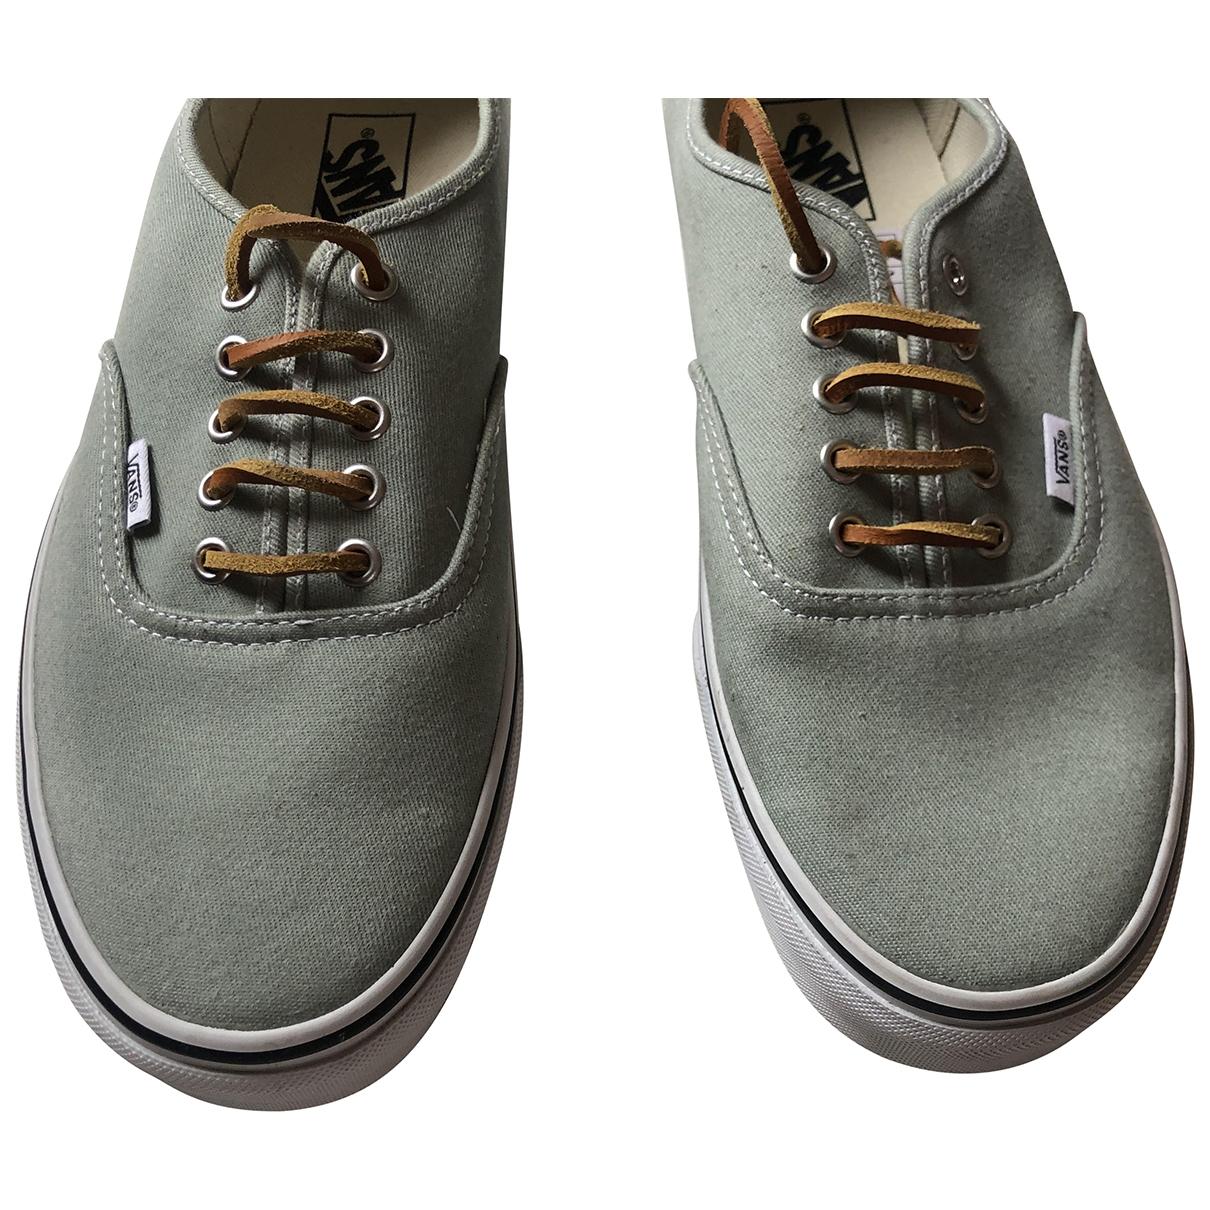 Vans - Baskets   pour homme en toile - gris